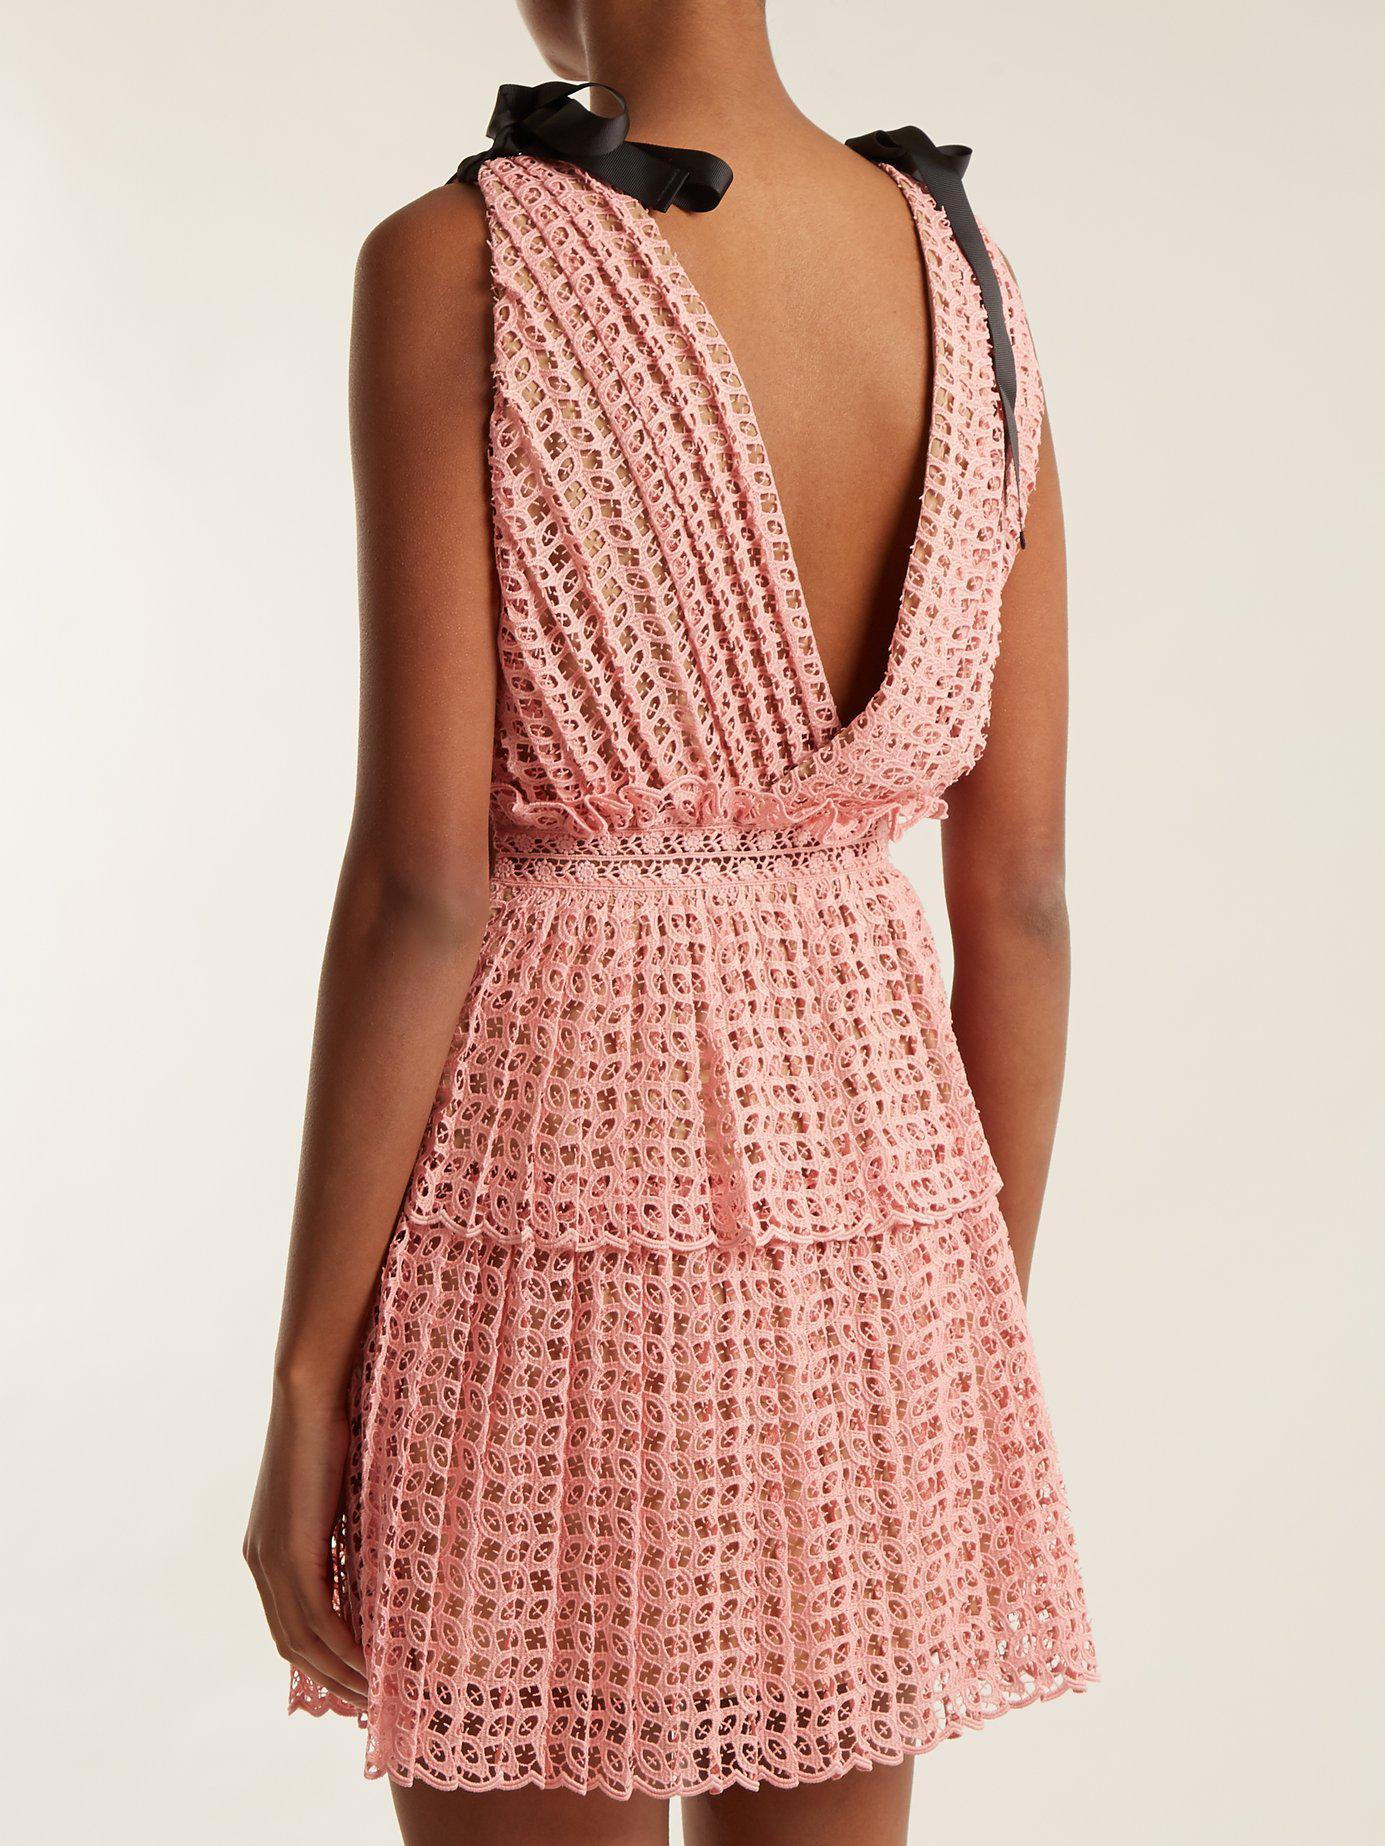 747b6db20841d Self-Portrait Sleeveless Organza Cutwork Mini Dress in Pink - Lyst